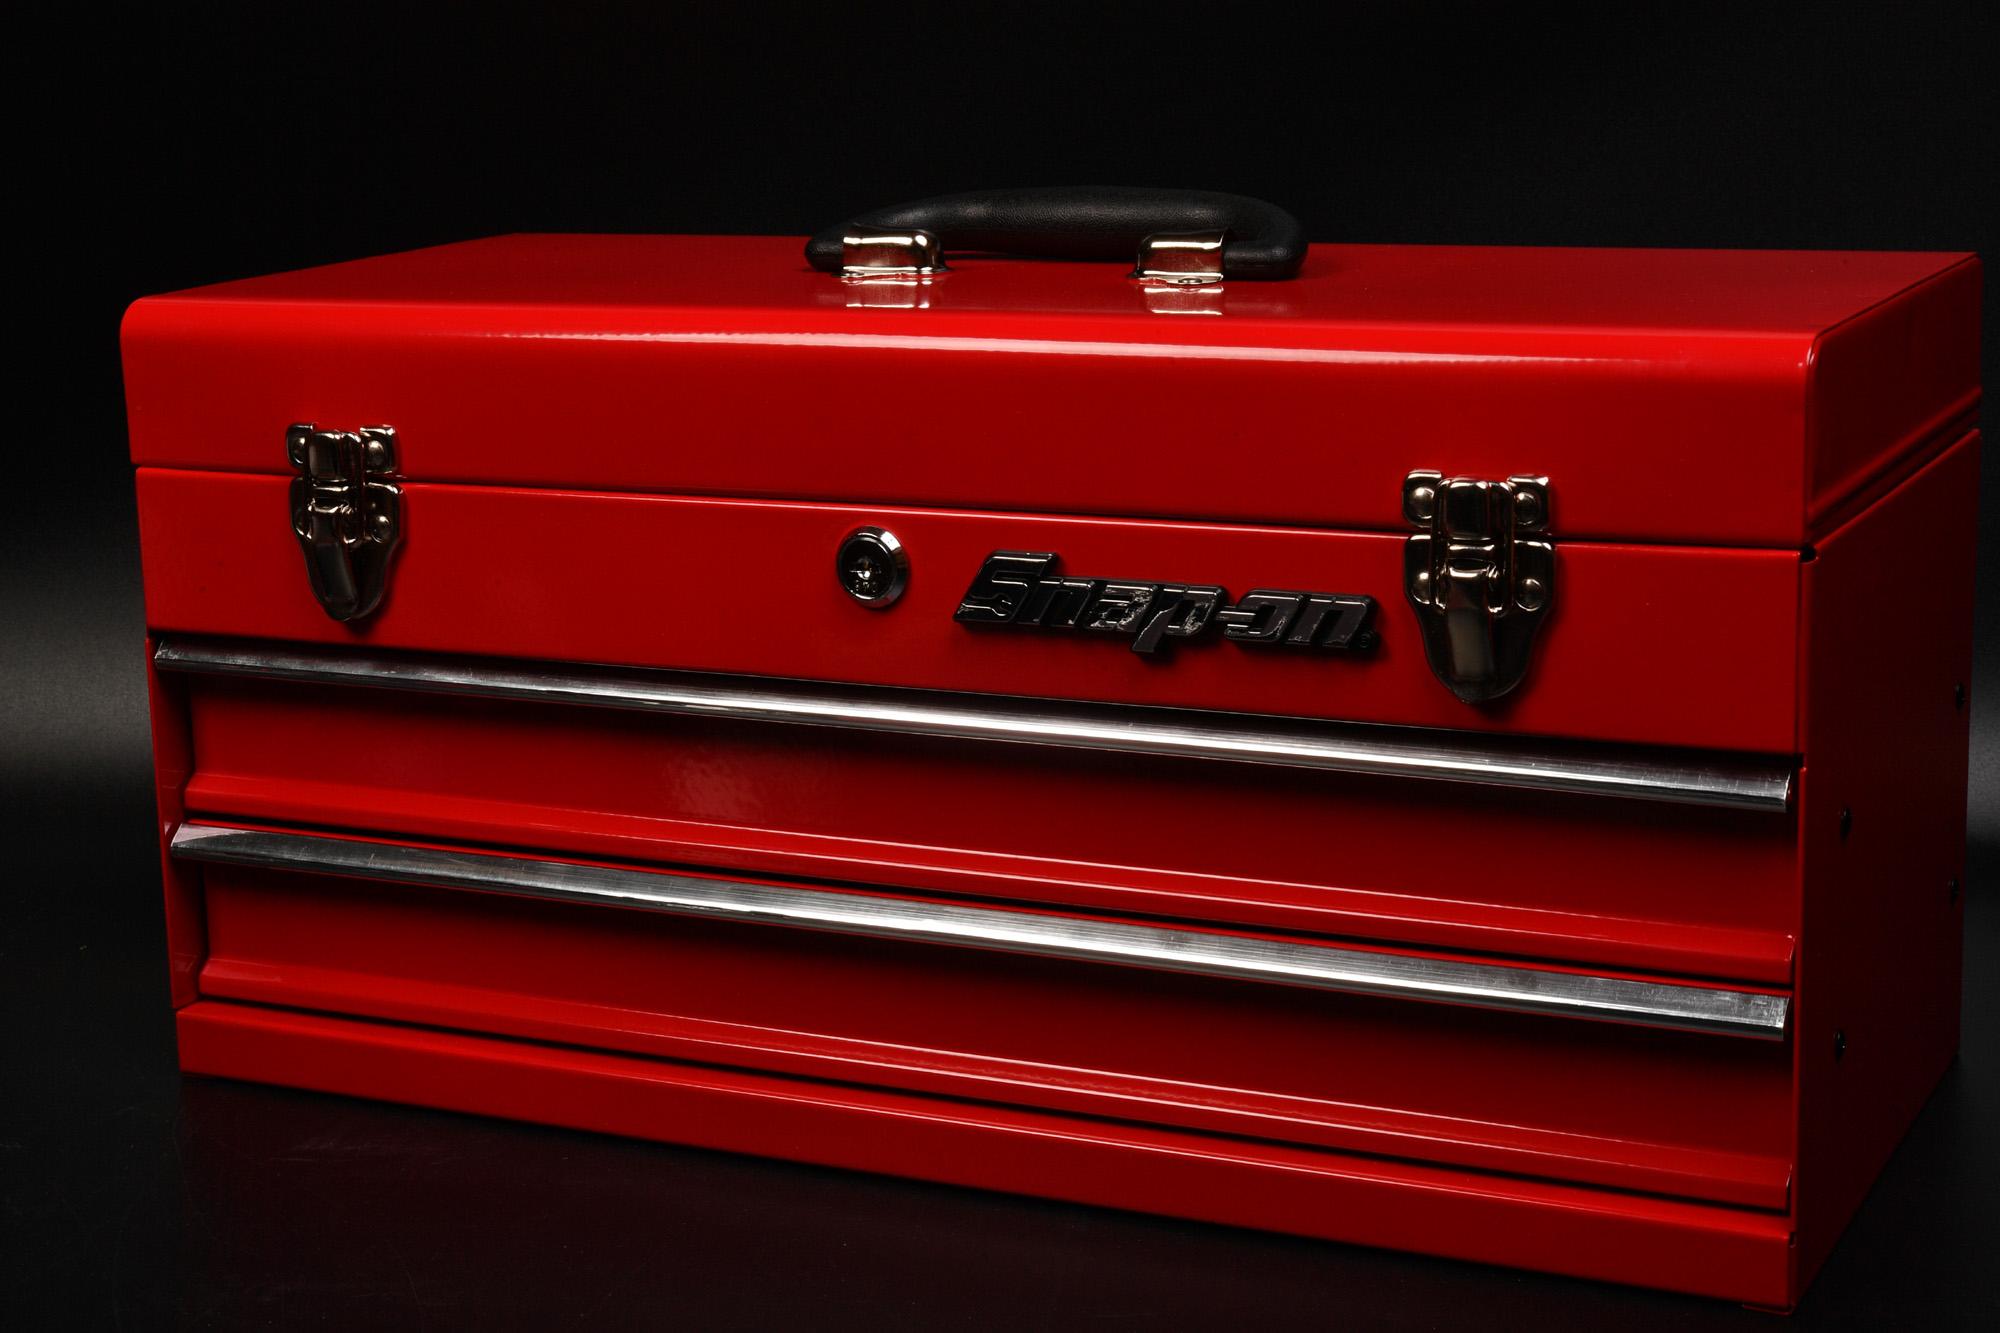 STRAIGHT ツールチェスト 2段式 購入 ツールボックス 工具箱 Snap-on仕様に